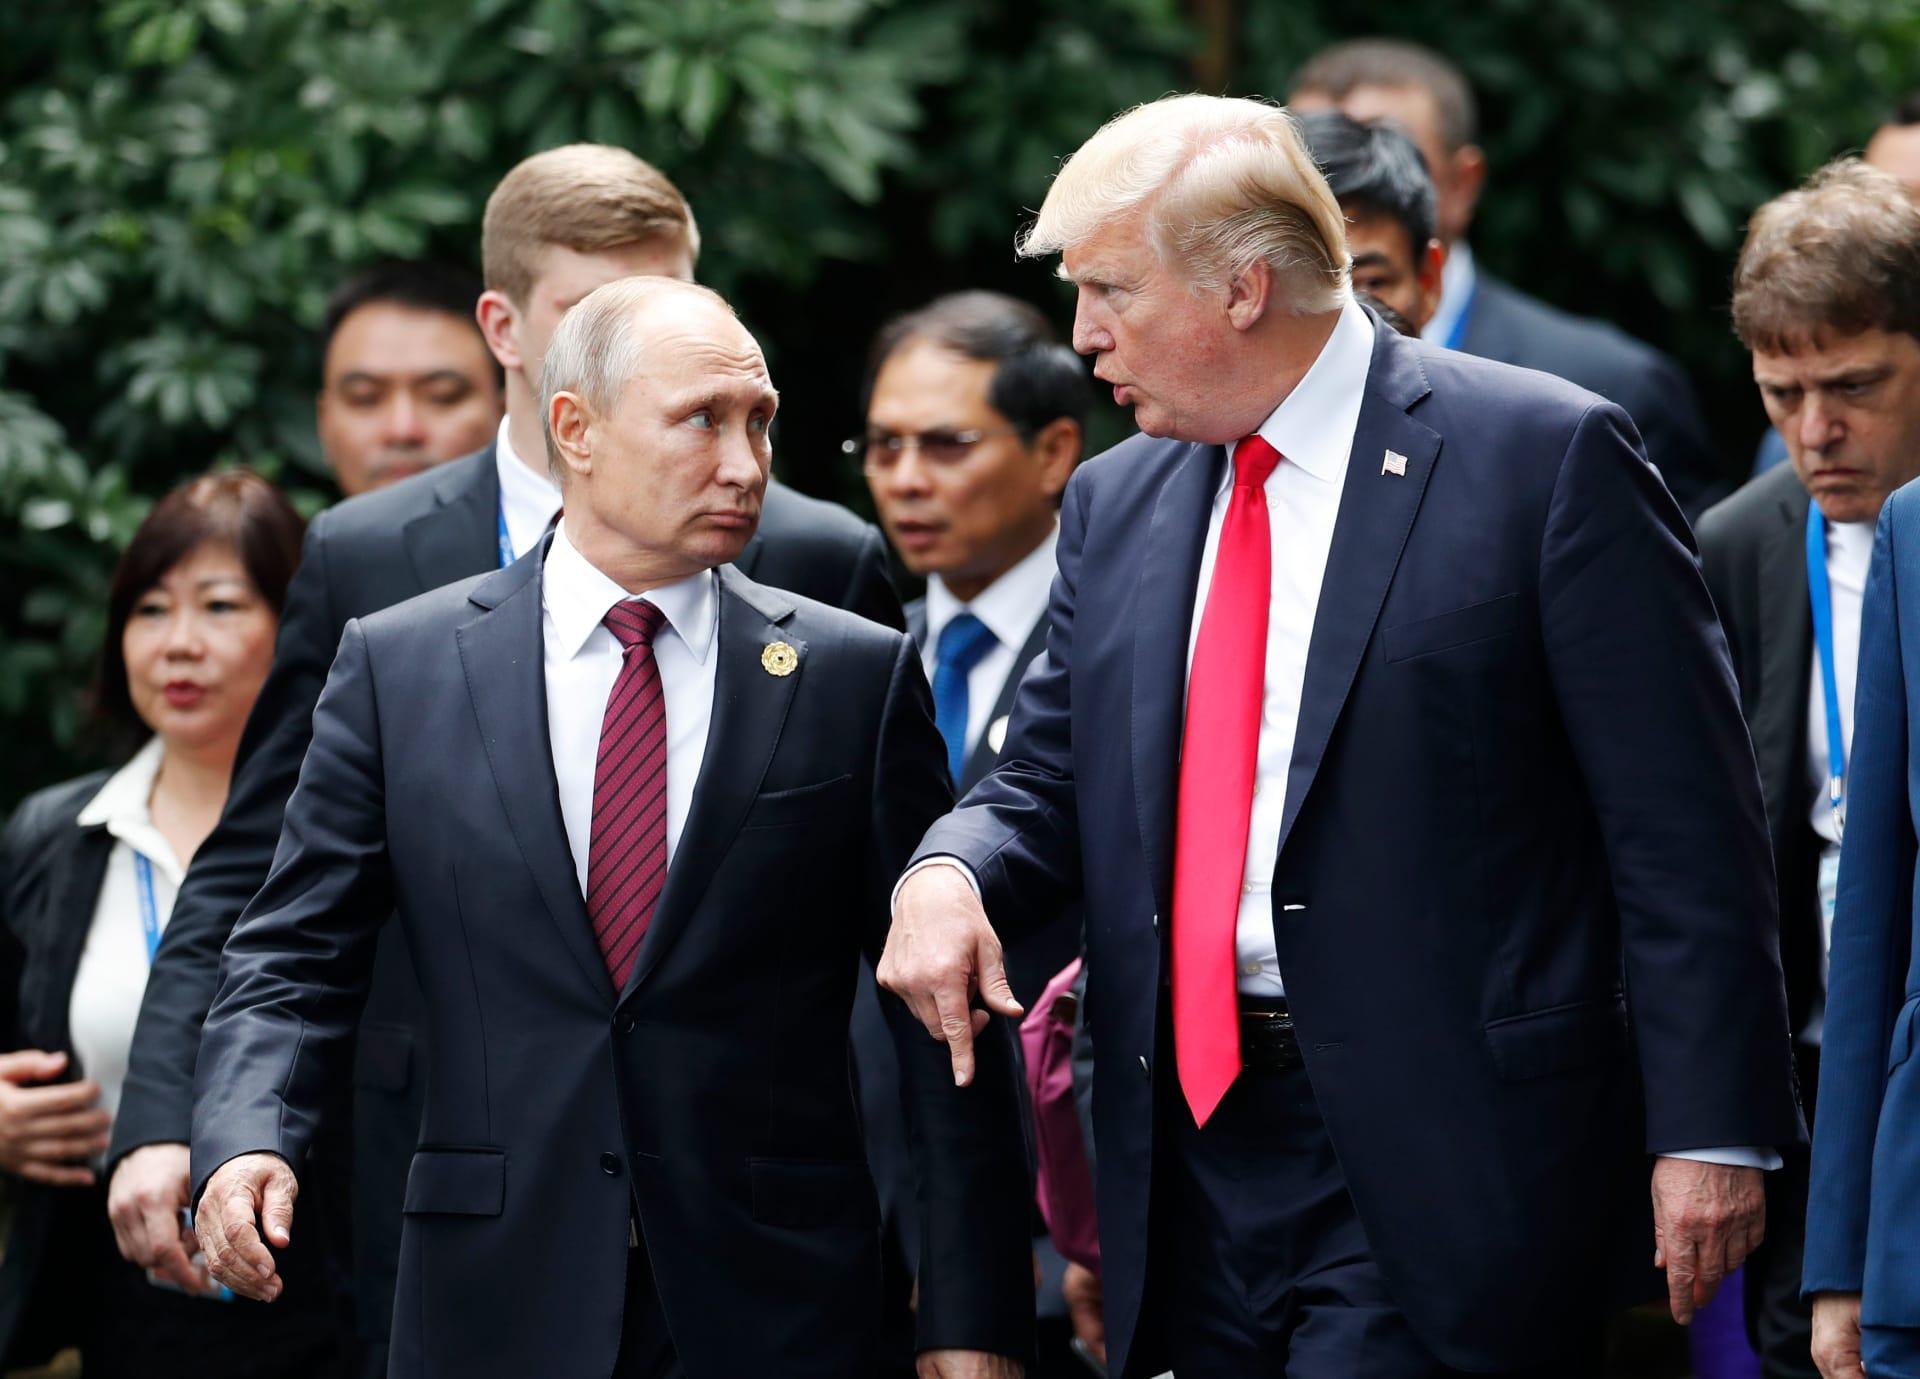 ما هي موضوعات النقاش في أول قمة بين بوتين وترامب؟